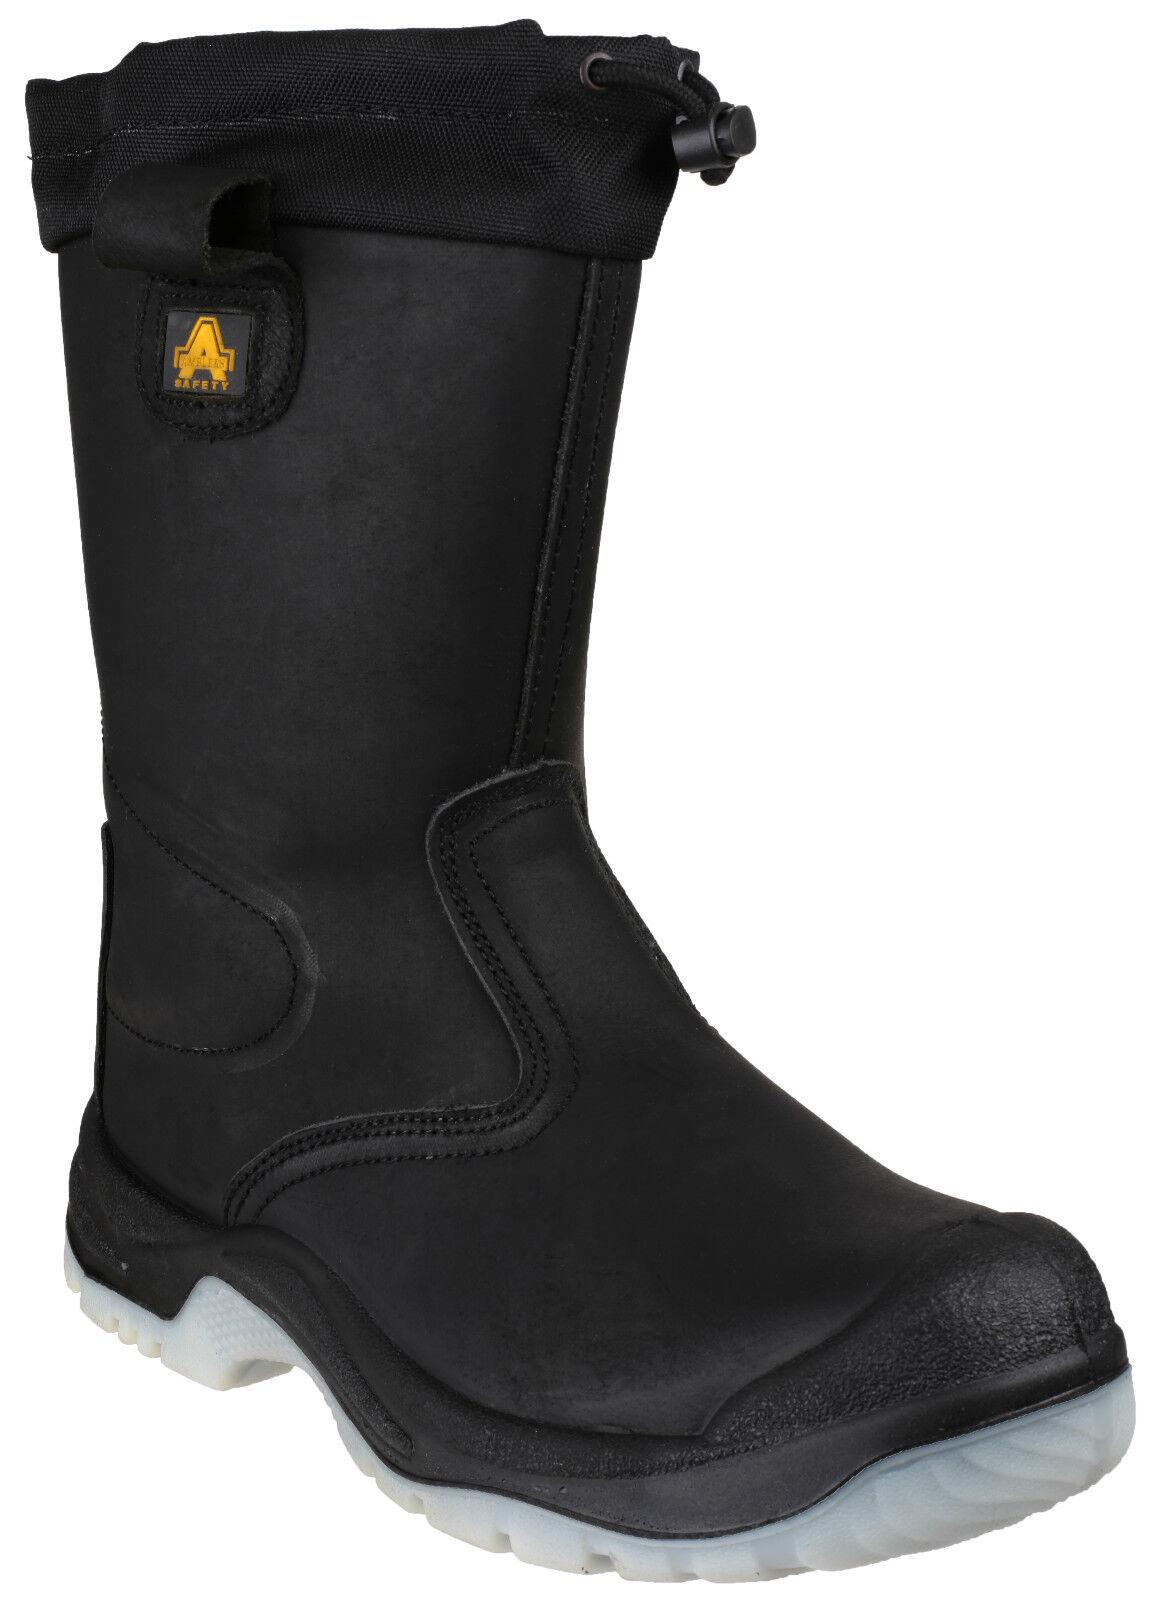 Amblers FS209 RESISTENTE ALL' ACQUA Sicurezza Rigger Cap Uomo Nero Acciaio Toe Cap Rigger Boot uk4-13 5dd3b7